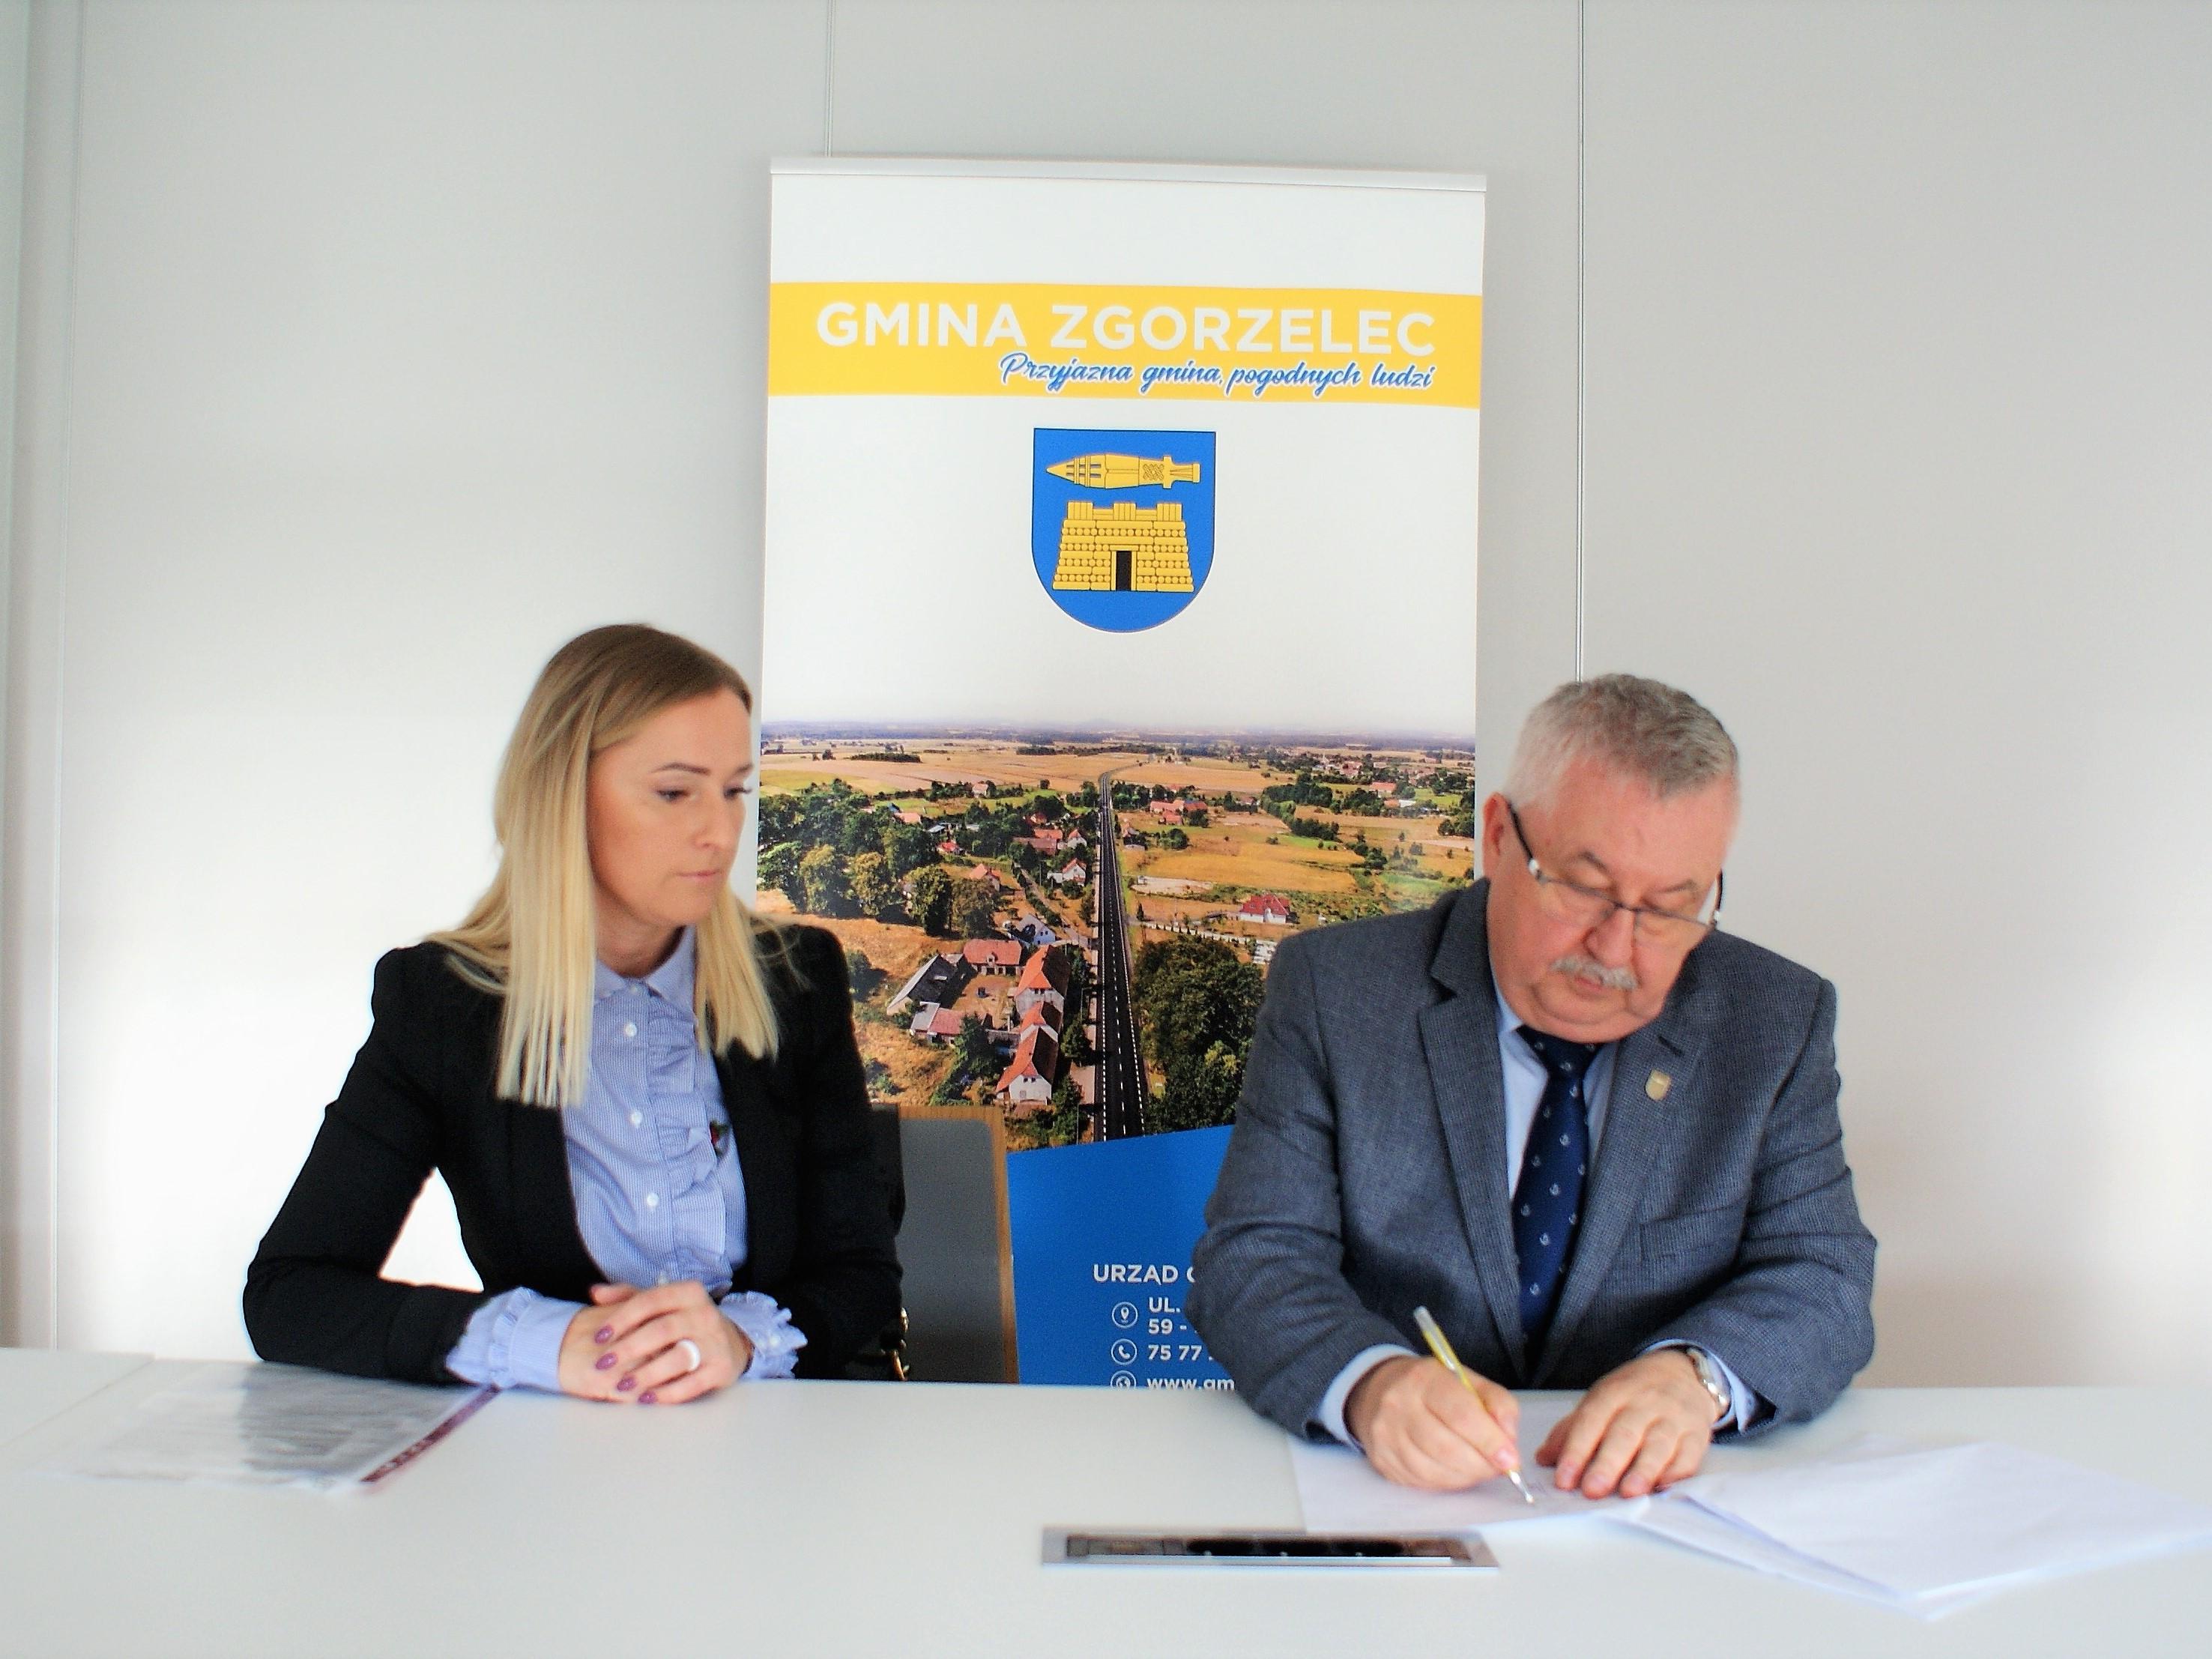 Umowa na bieżące utrzymanie dróg podpisana